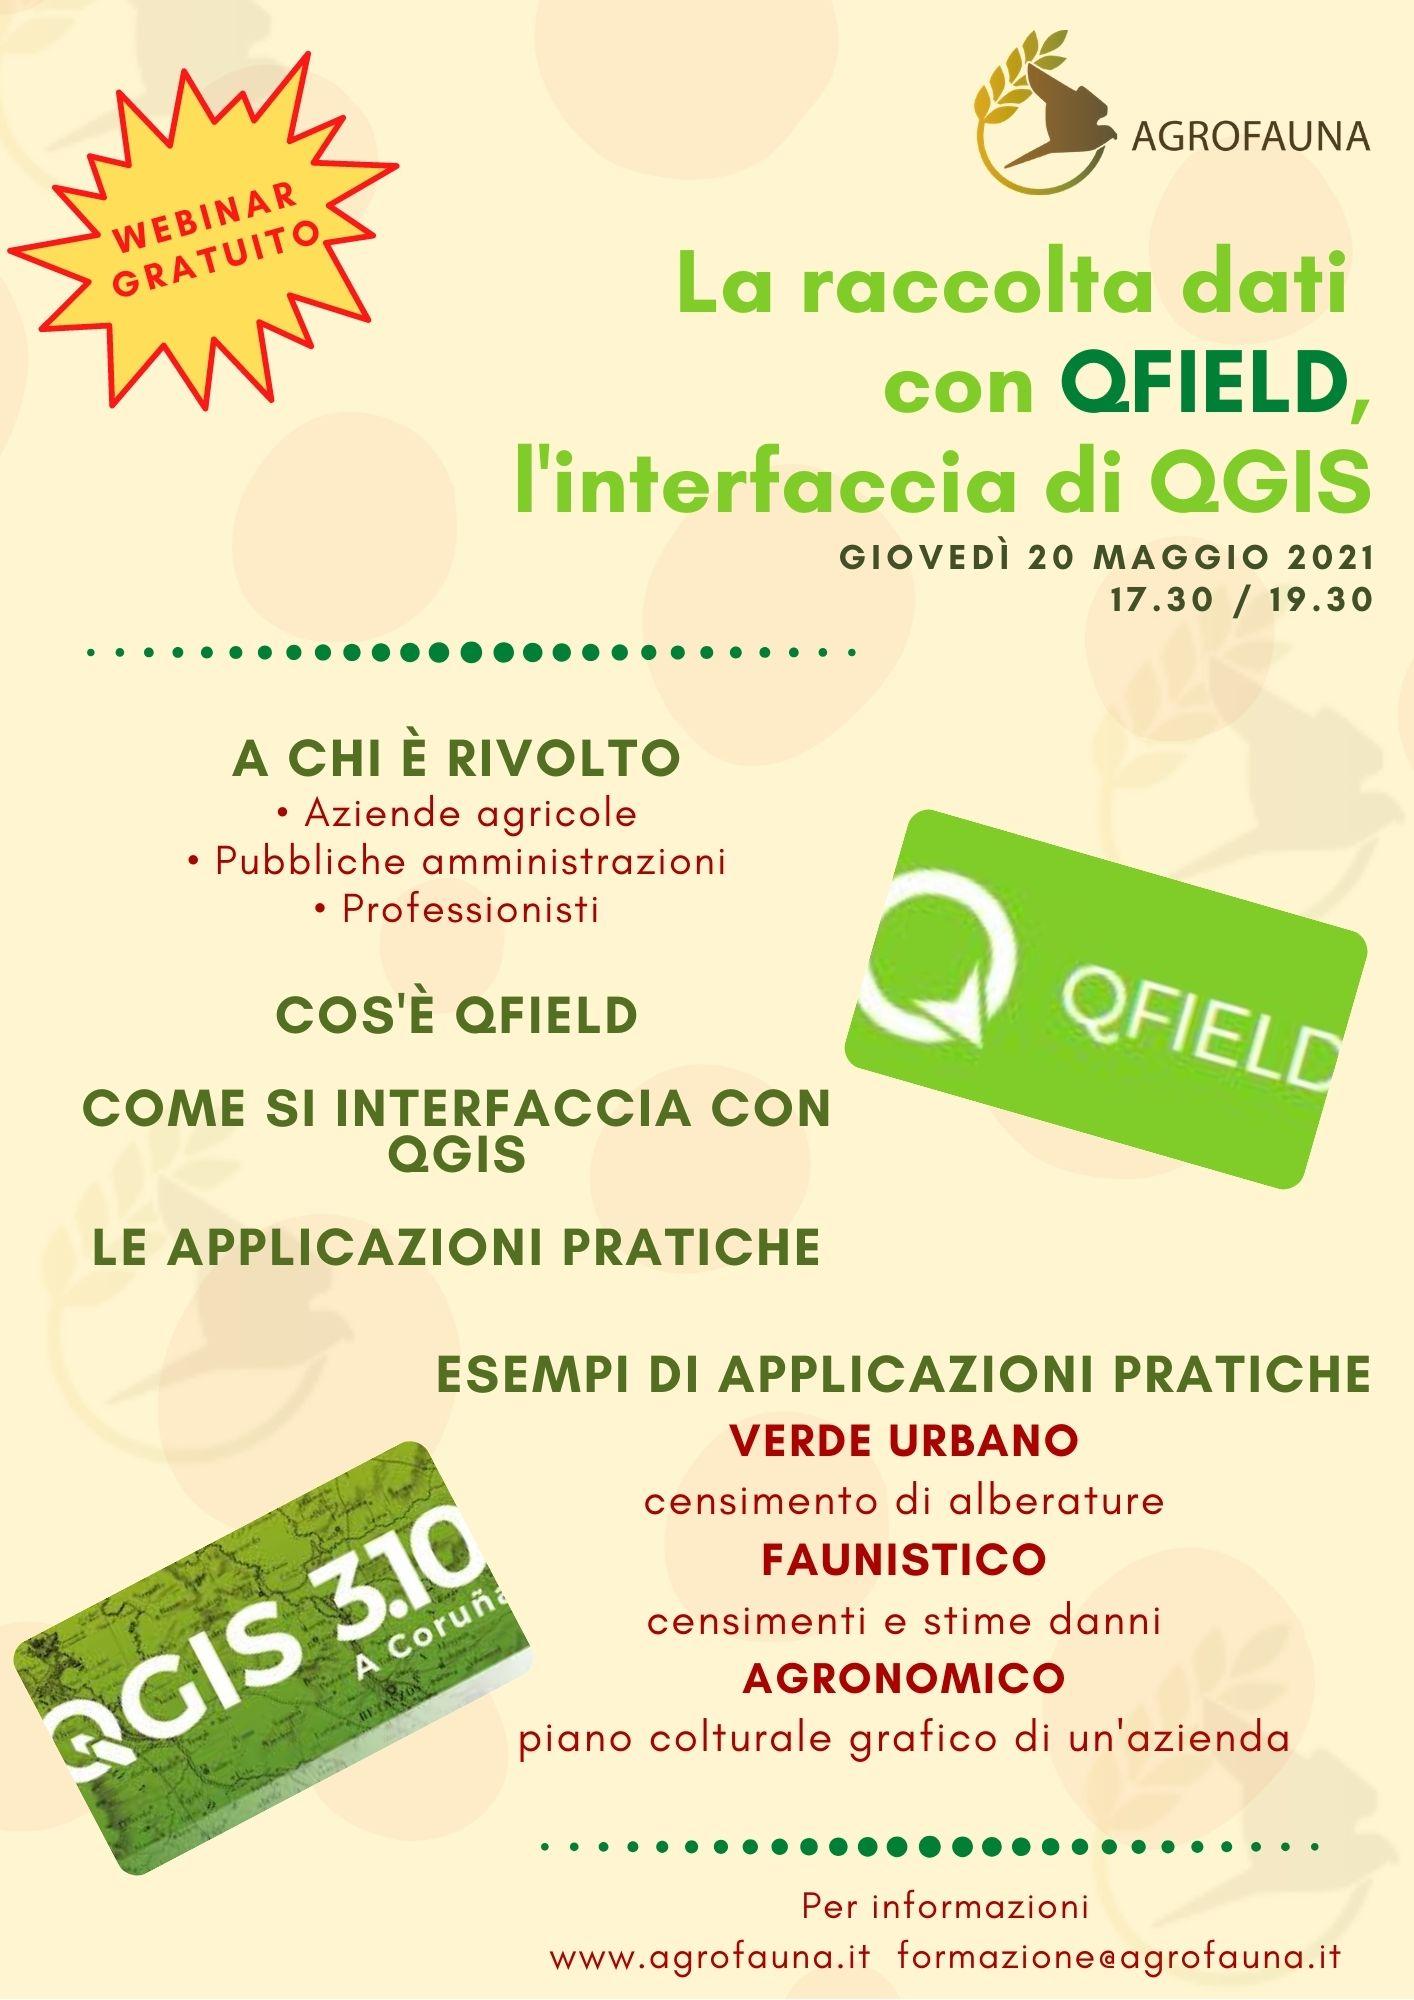 La raccolta dati con QFIELD, interfaccia con QGIS